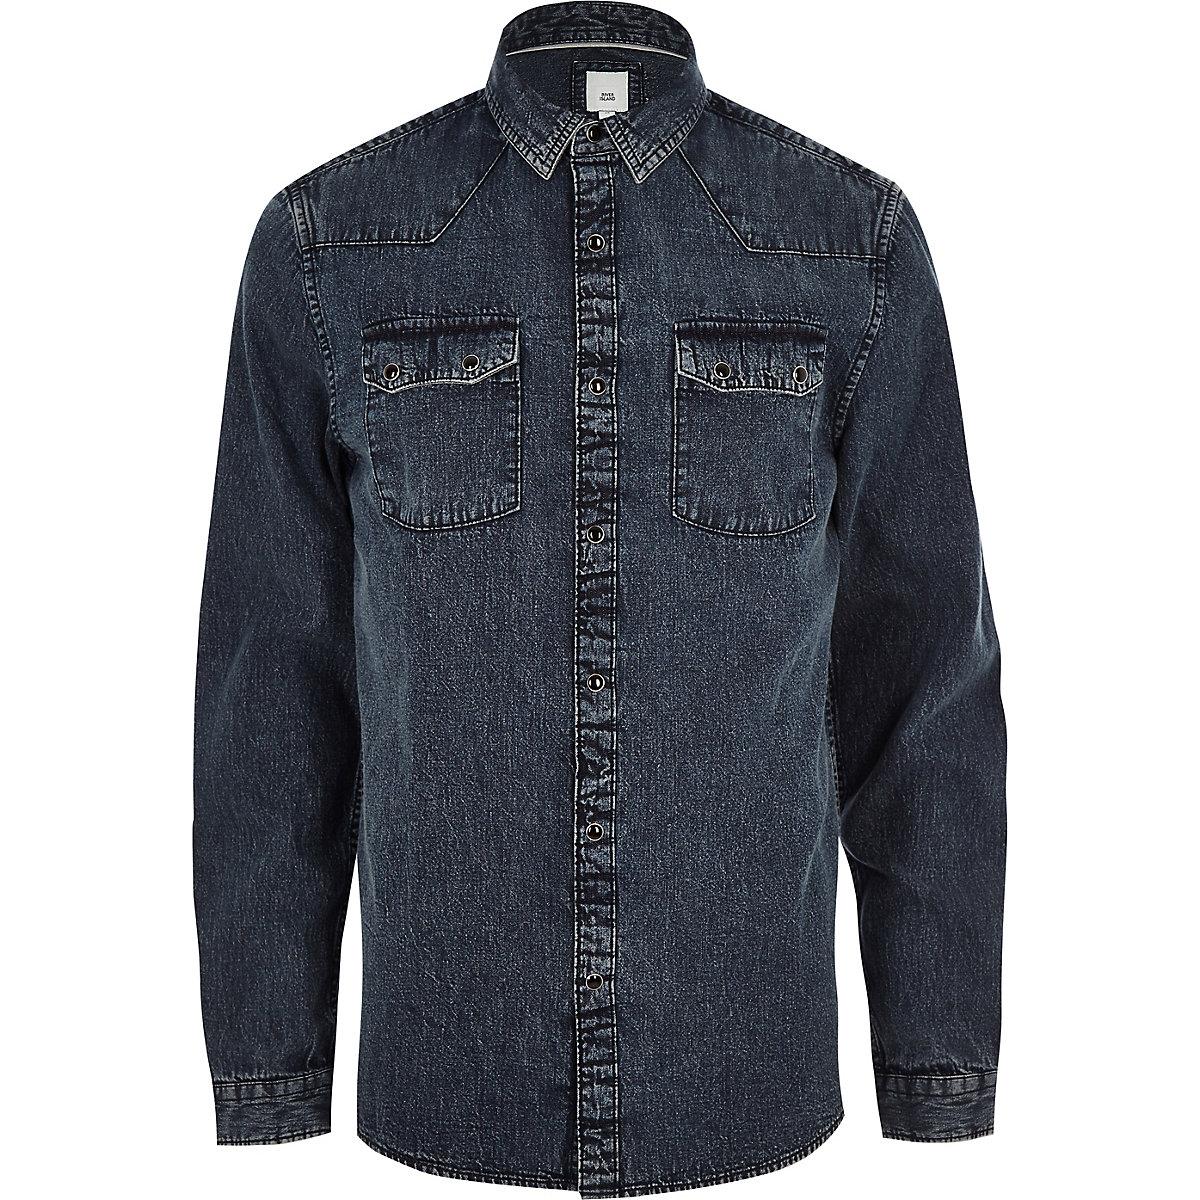 Blue acid wash long sleeve denim shirt